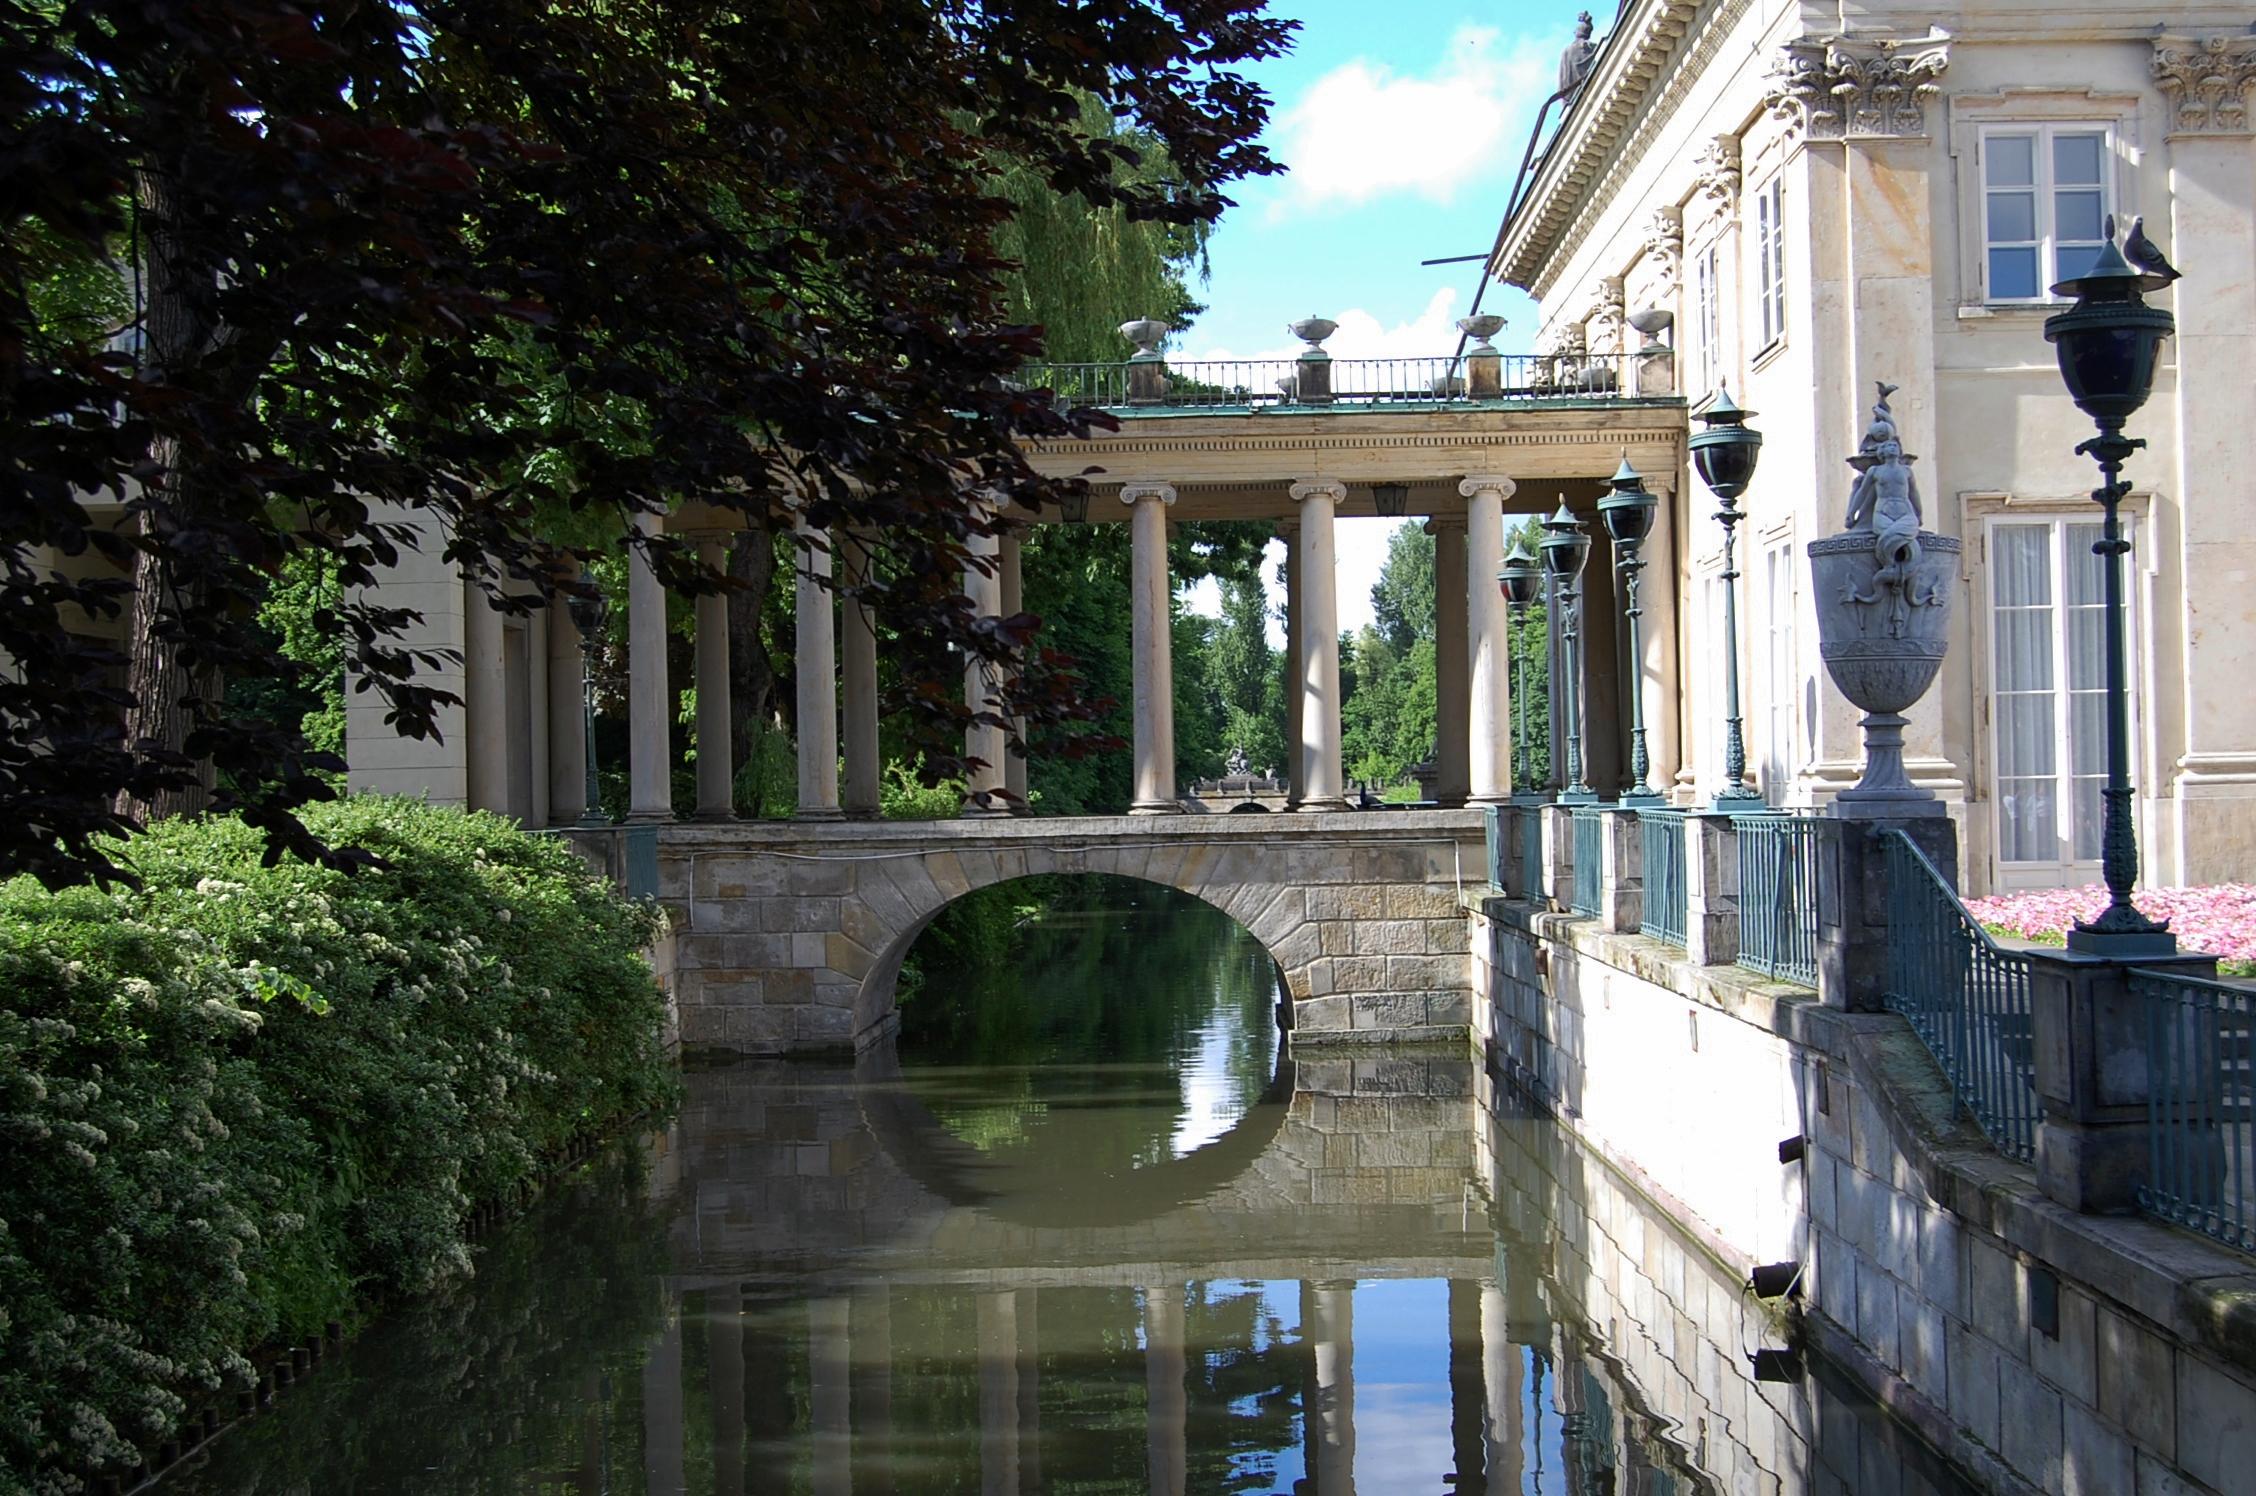 Filepałac Na Wodzie W Warszawie łazienkijpg Wikimedia